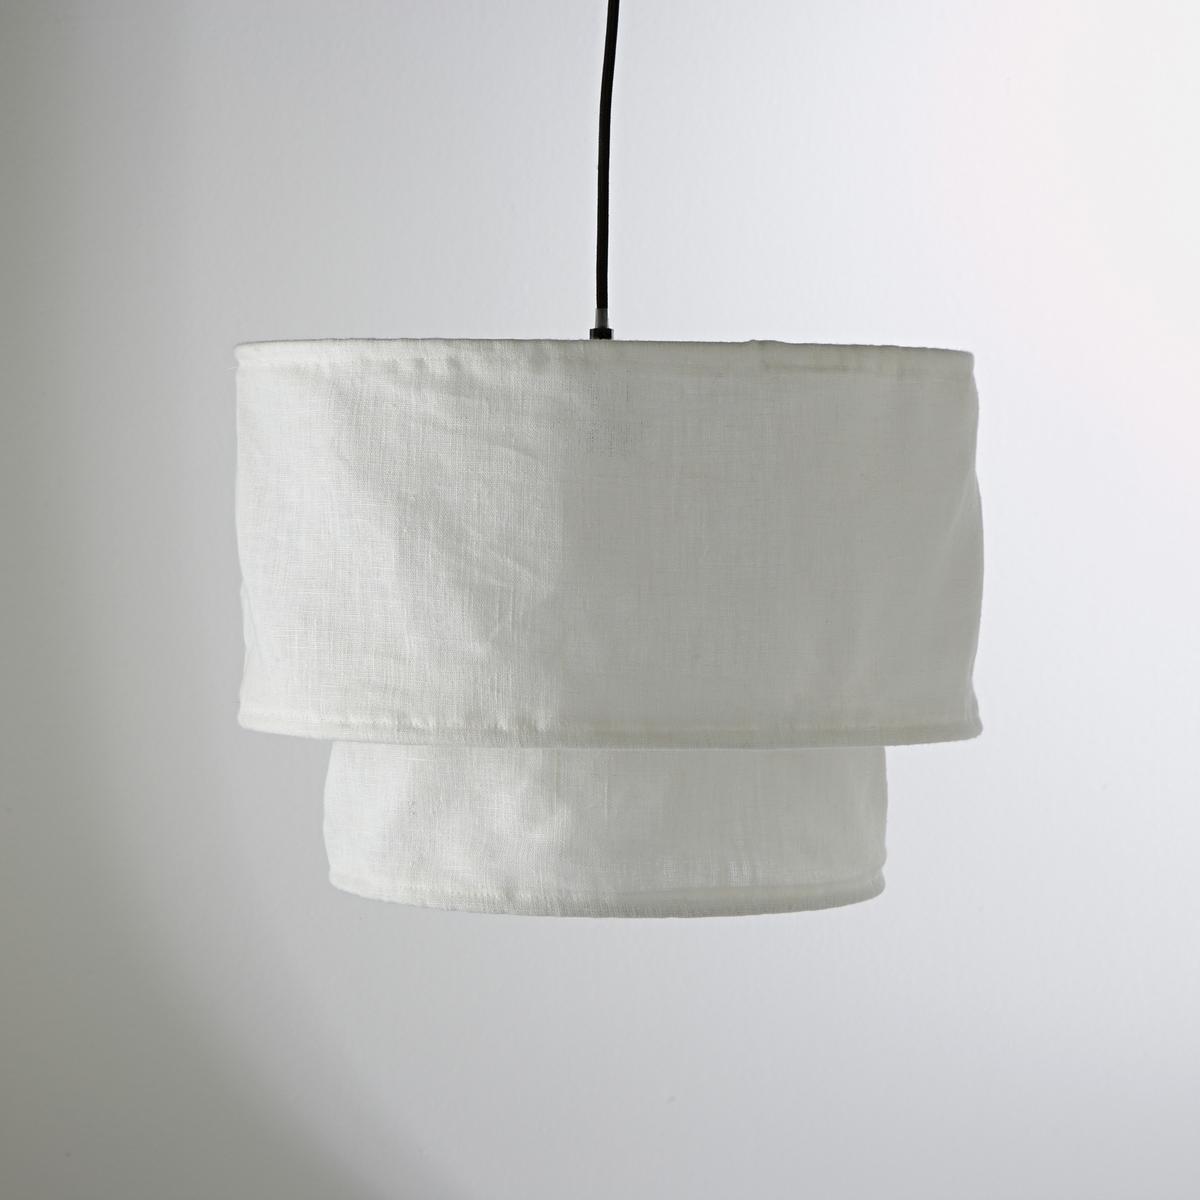 Светильник La Redoute С двойным абажуром из льна THADE единый размер белый светильник из жатого льна thade